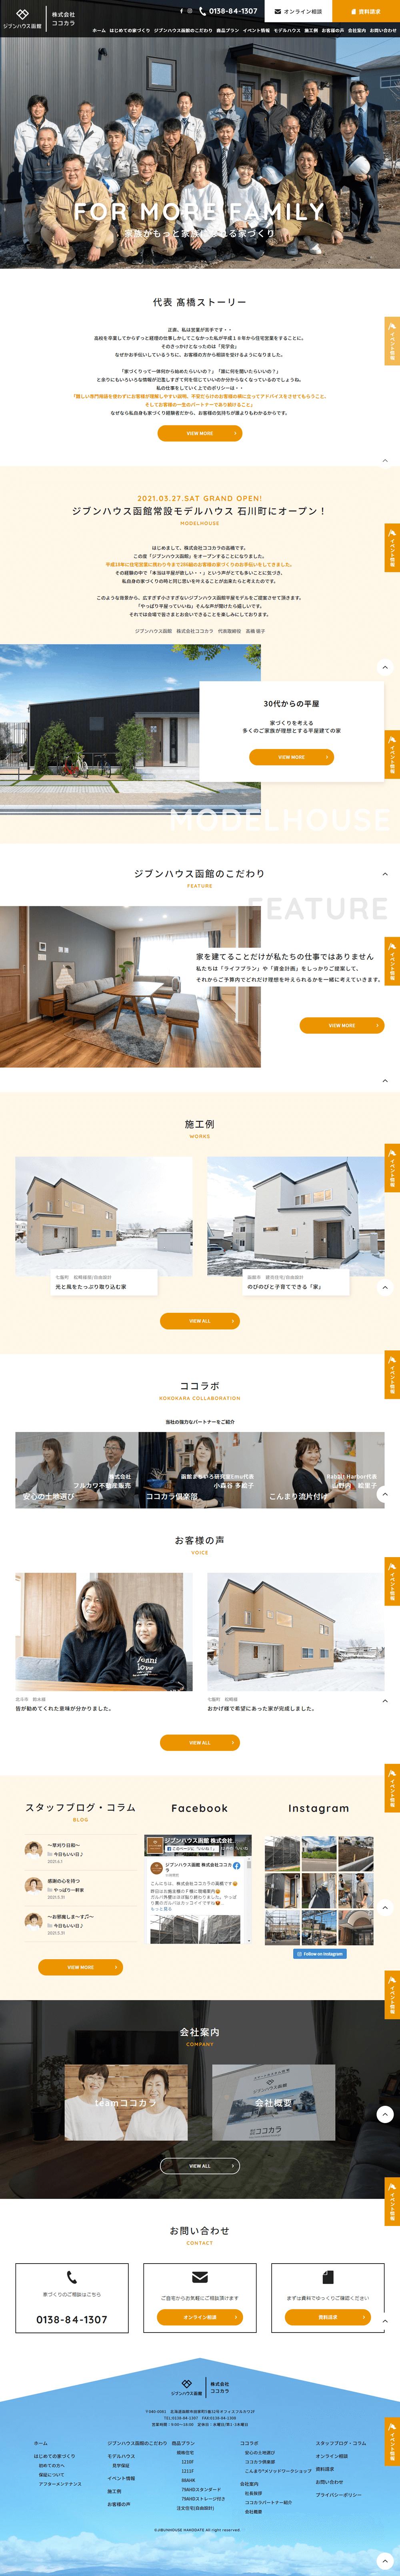 北海道函館市 ジブンハウス函館(株式会社ココカラ)北海道1